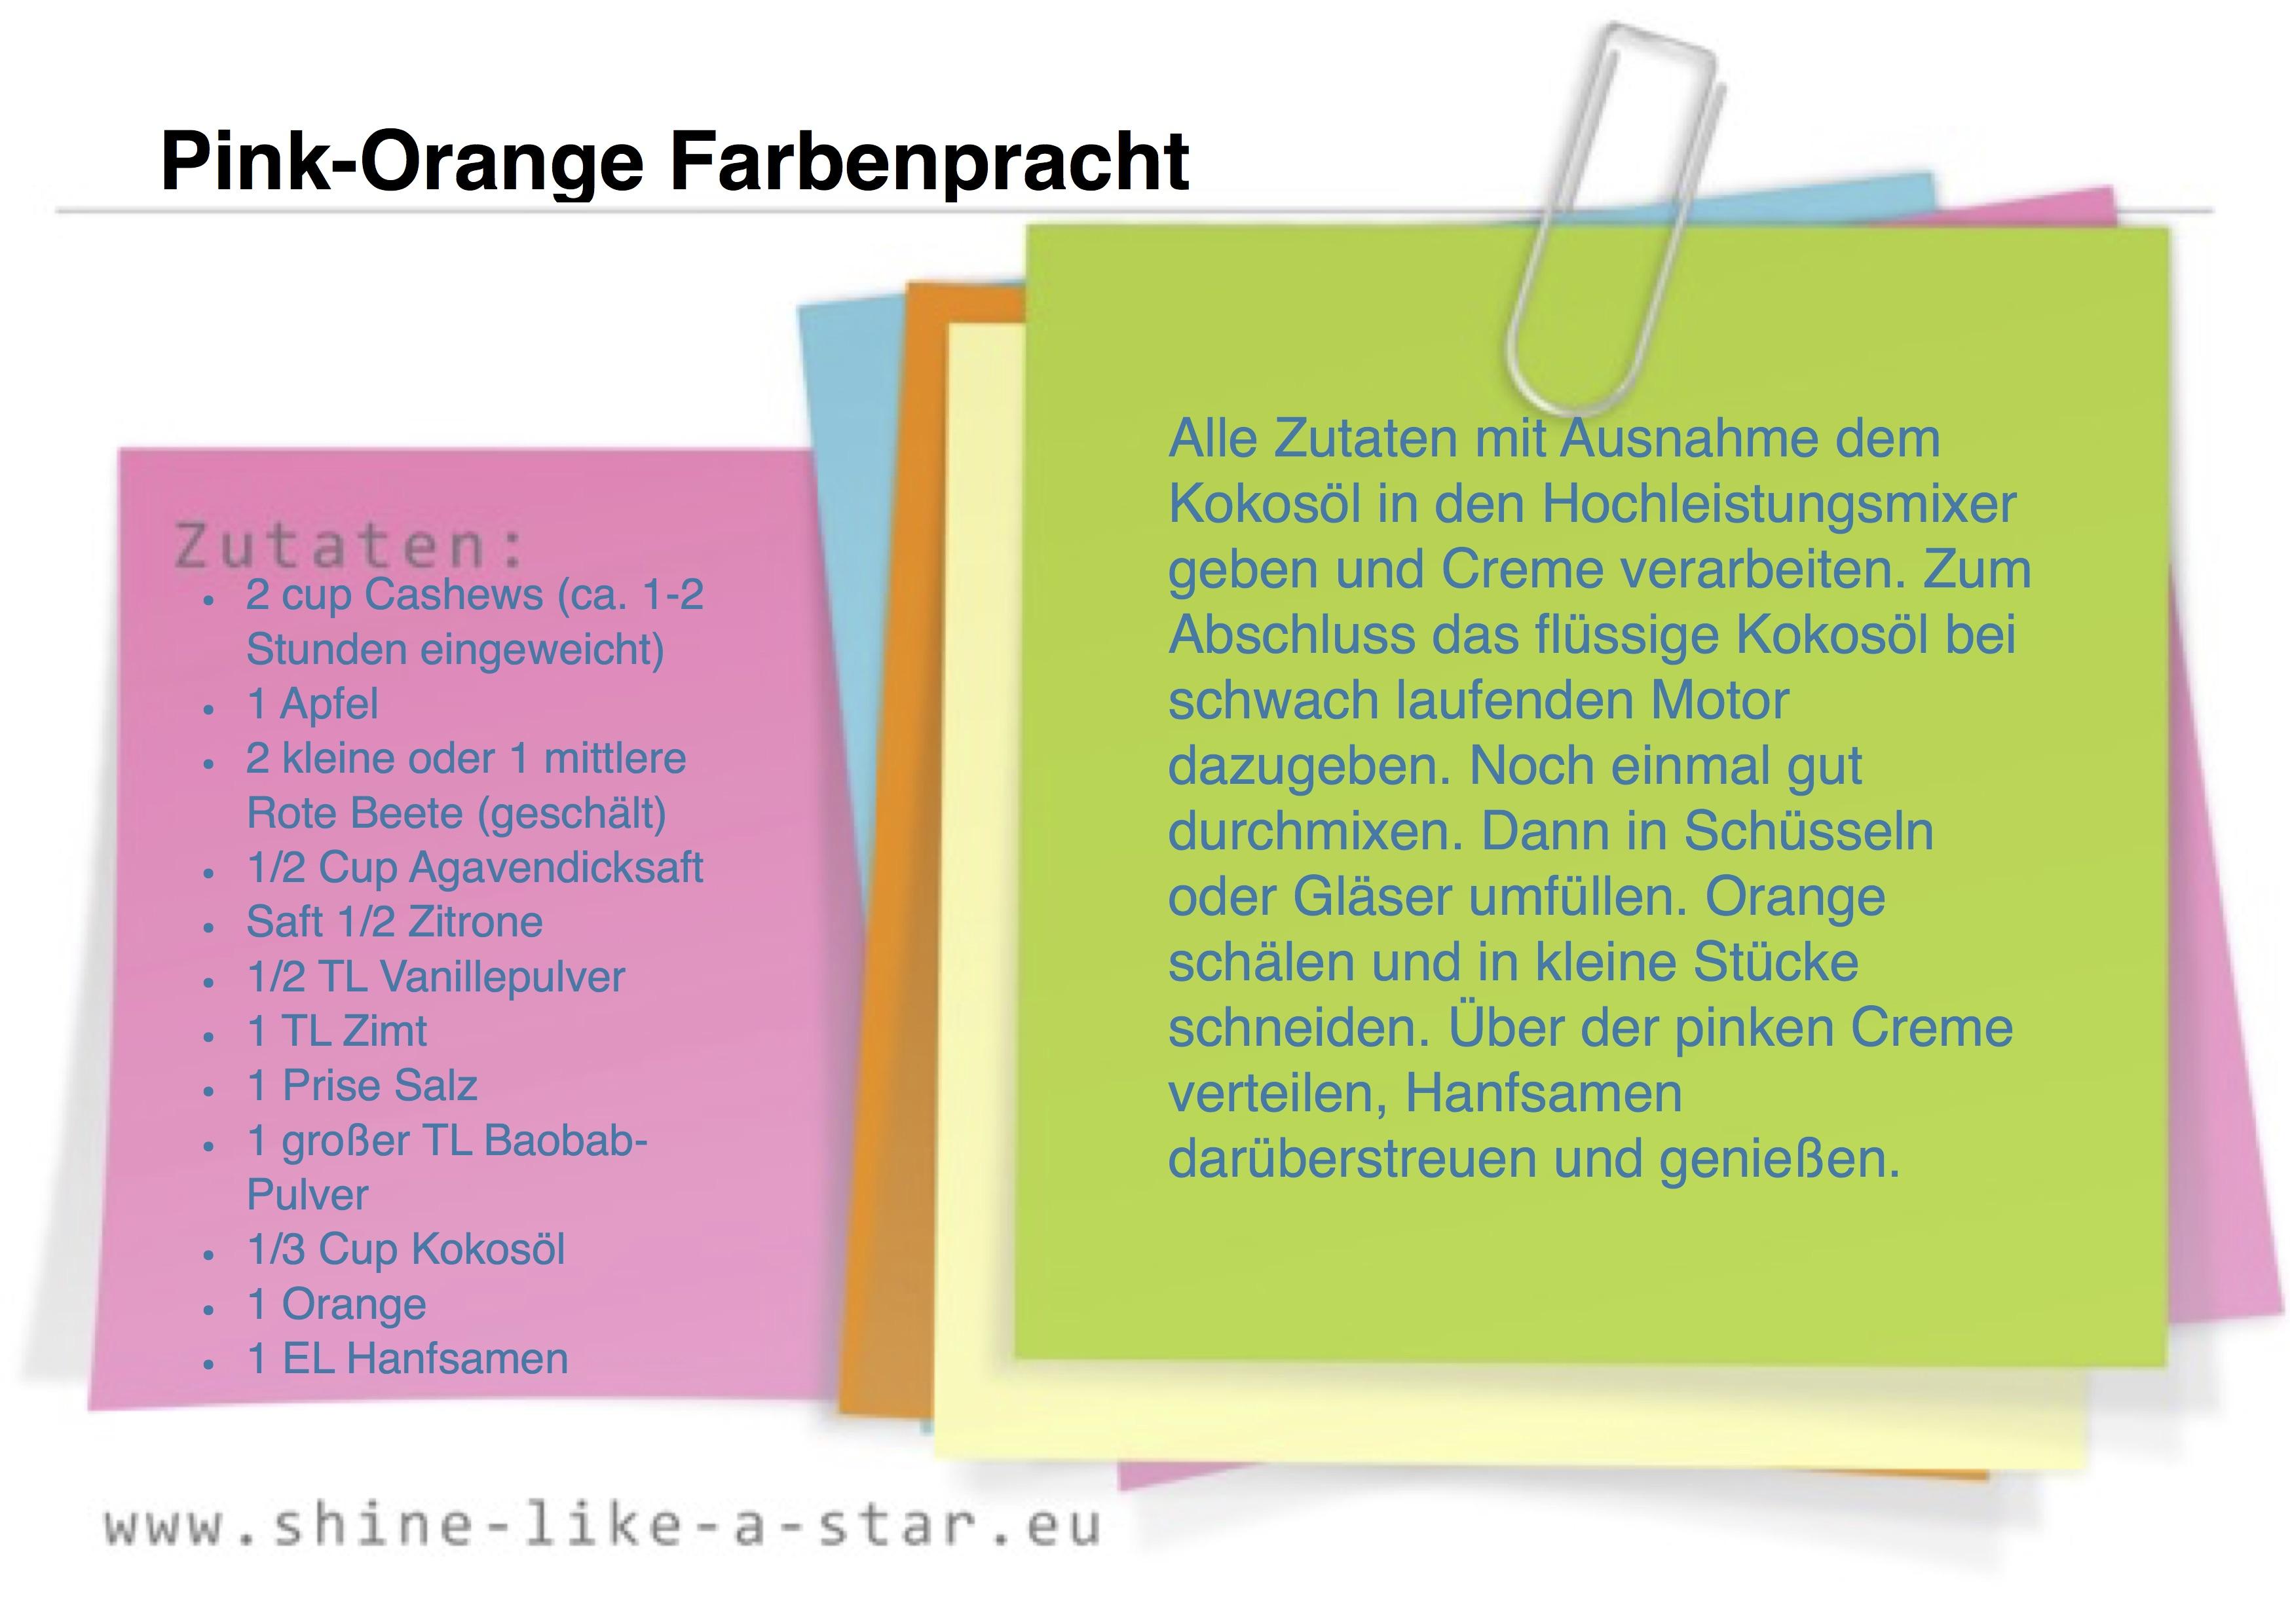 Pink-Orange Farbenpracht